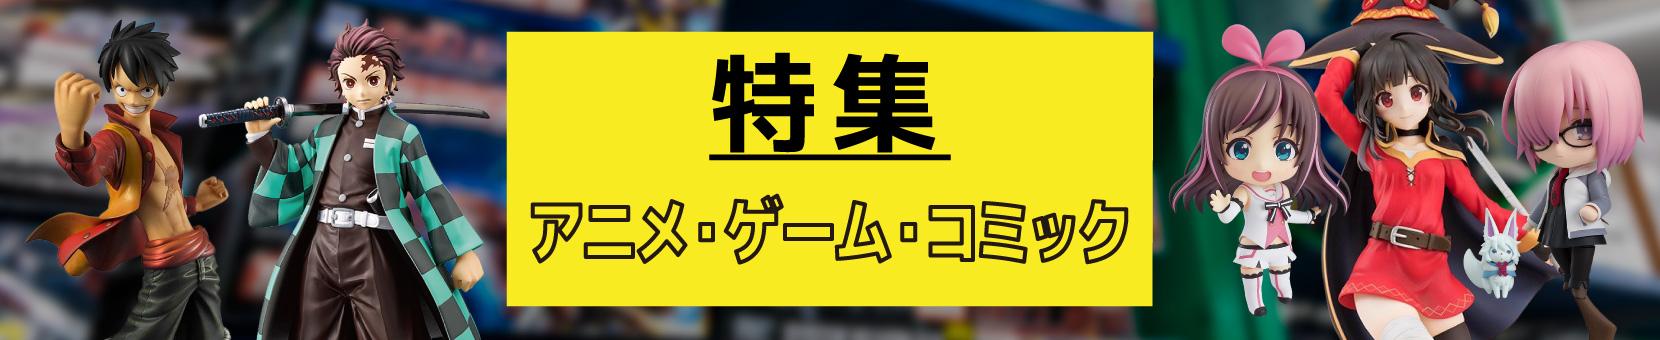 アニメ・ゲーム・コミック フィギュア特集